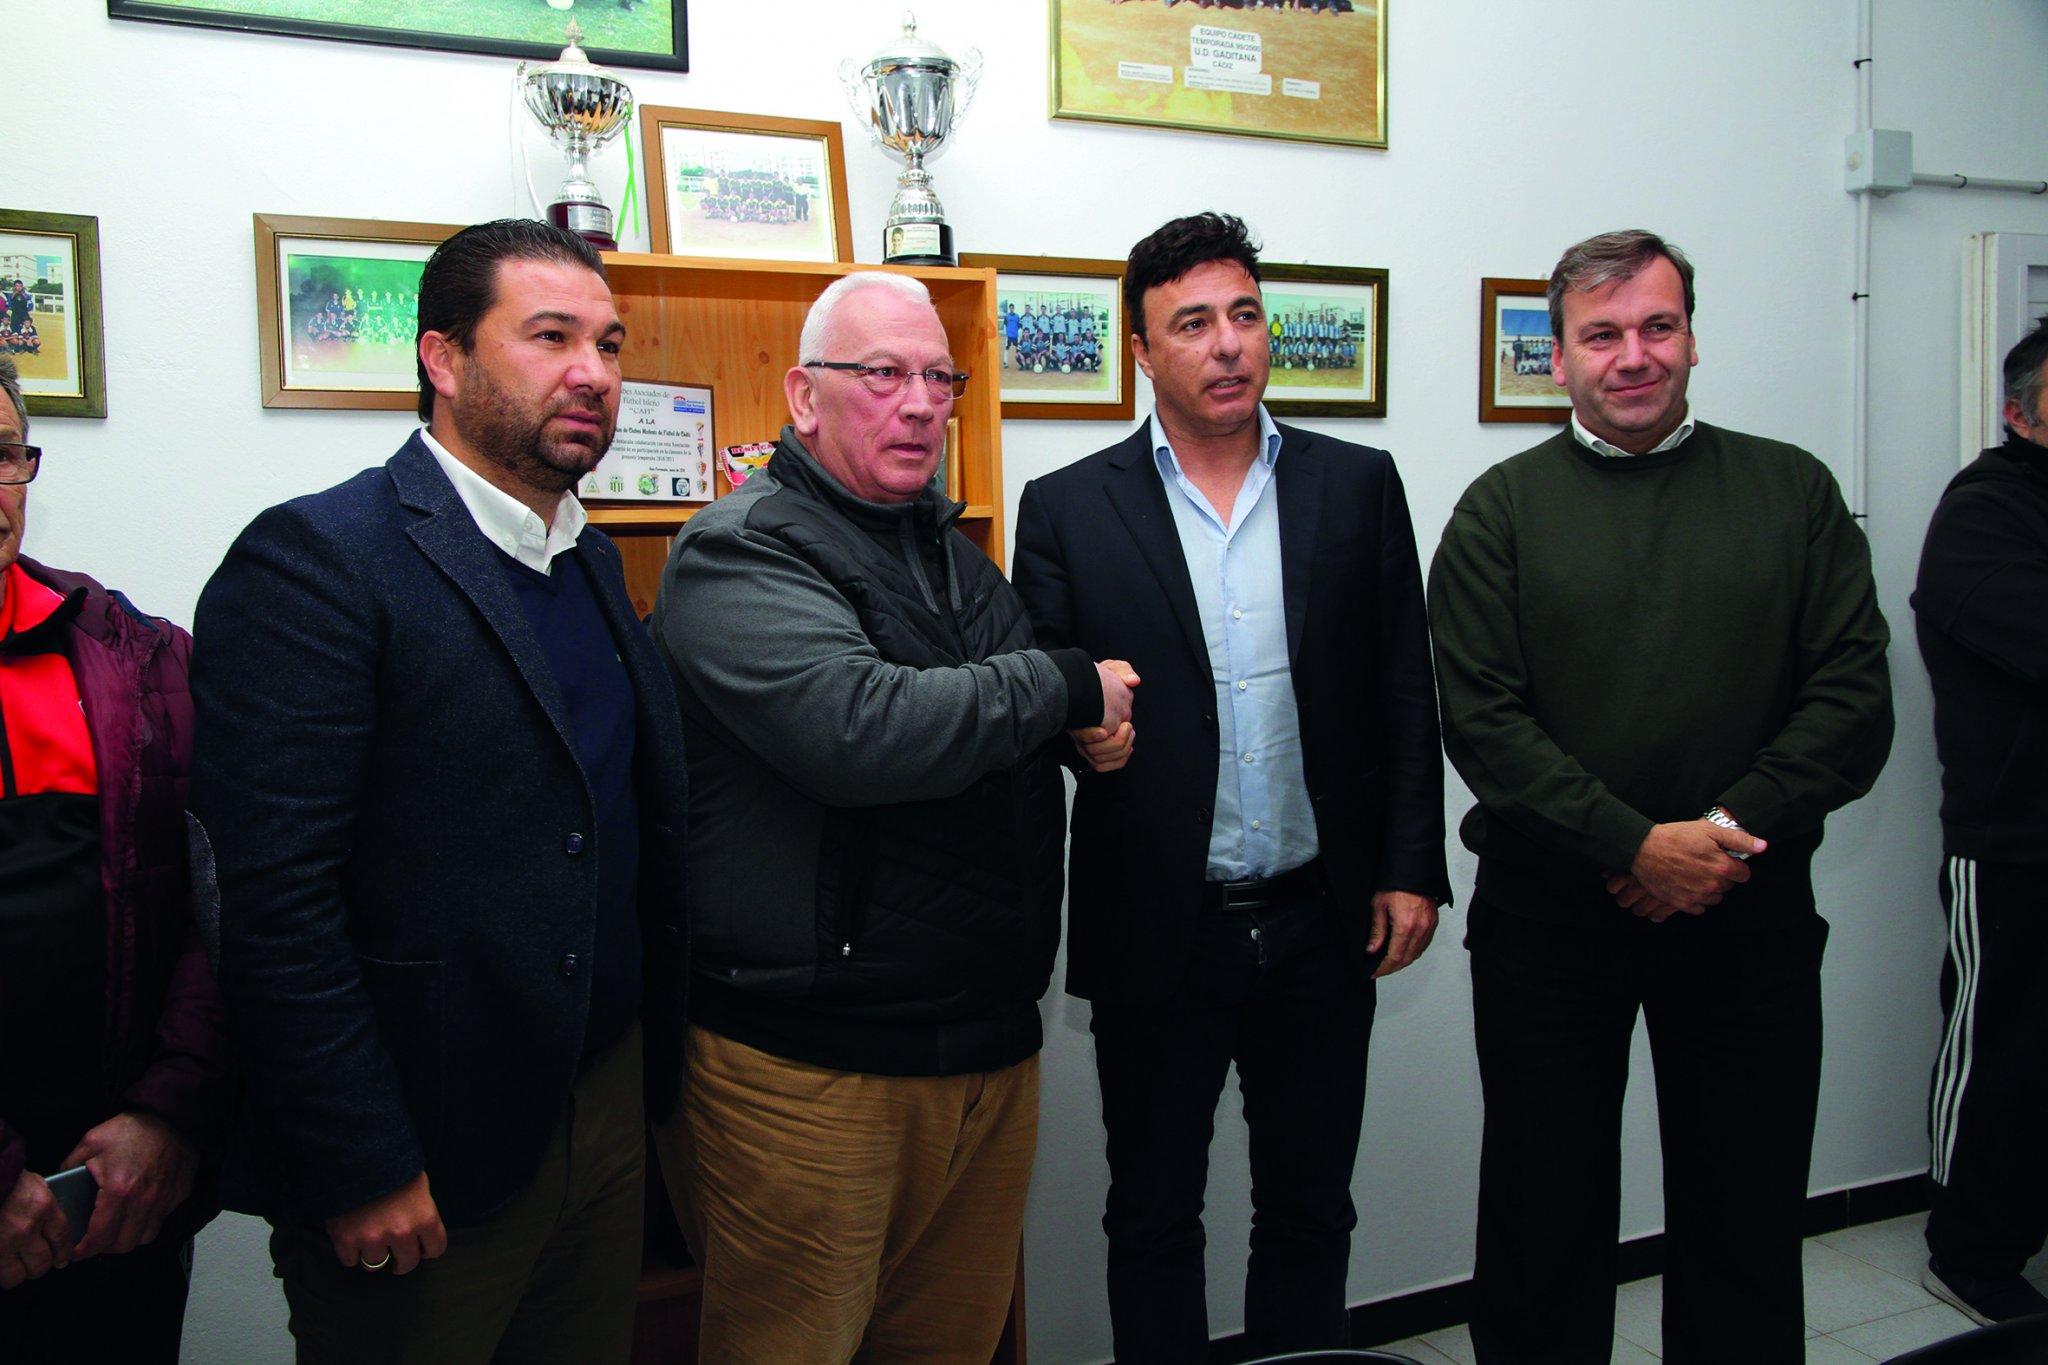 El acuerdo con el fútbol modesto, ¿debe ser ratificado por Vizcaíno?